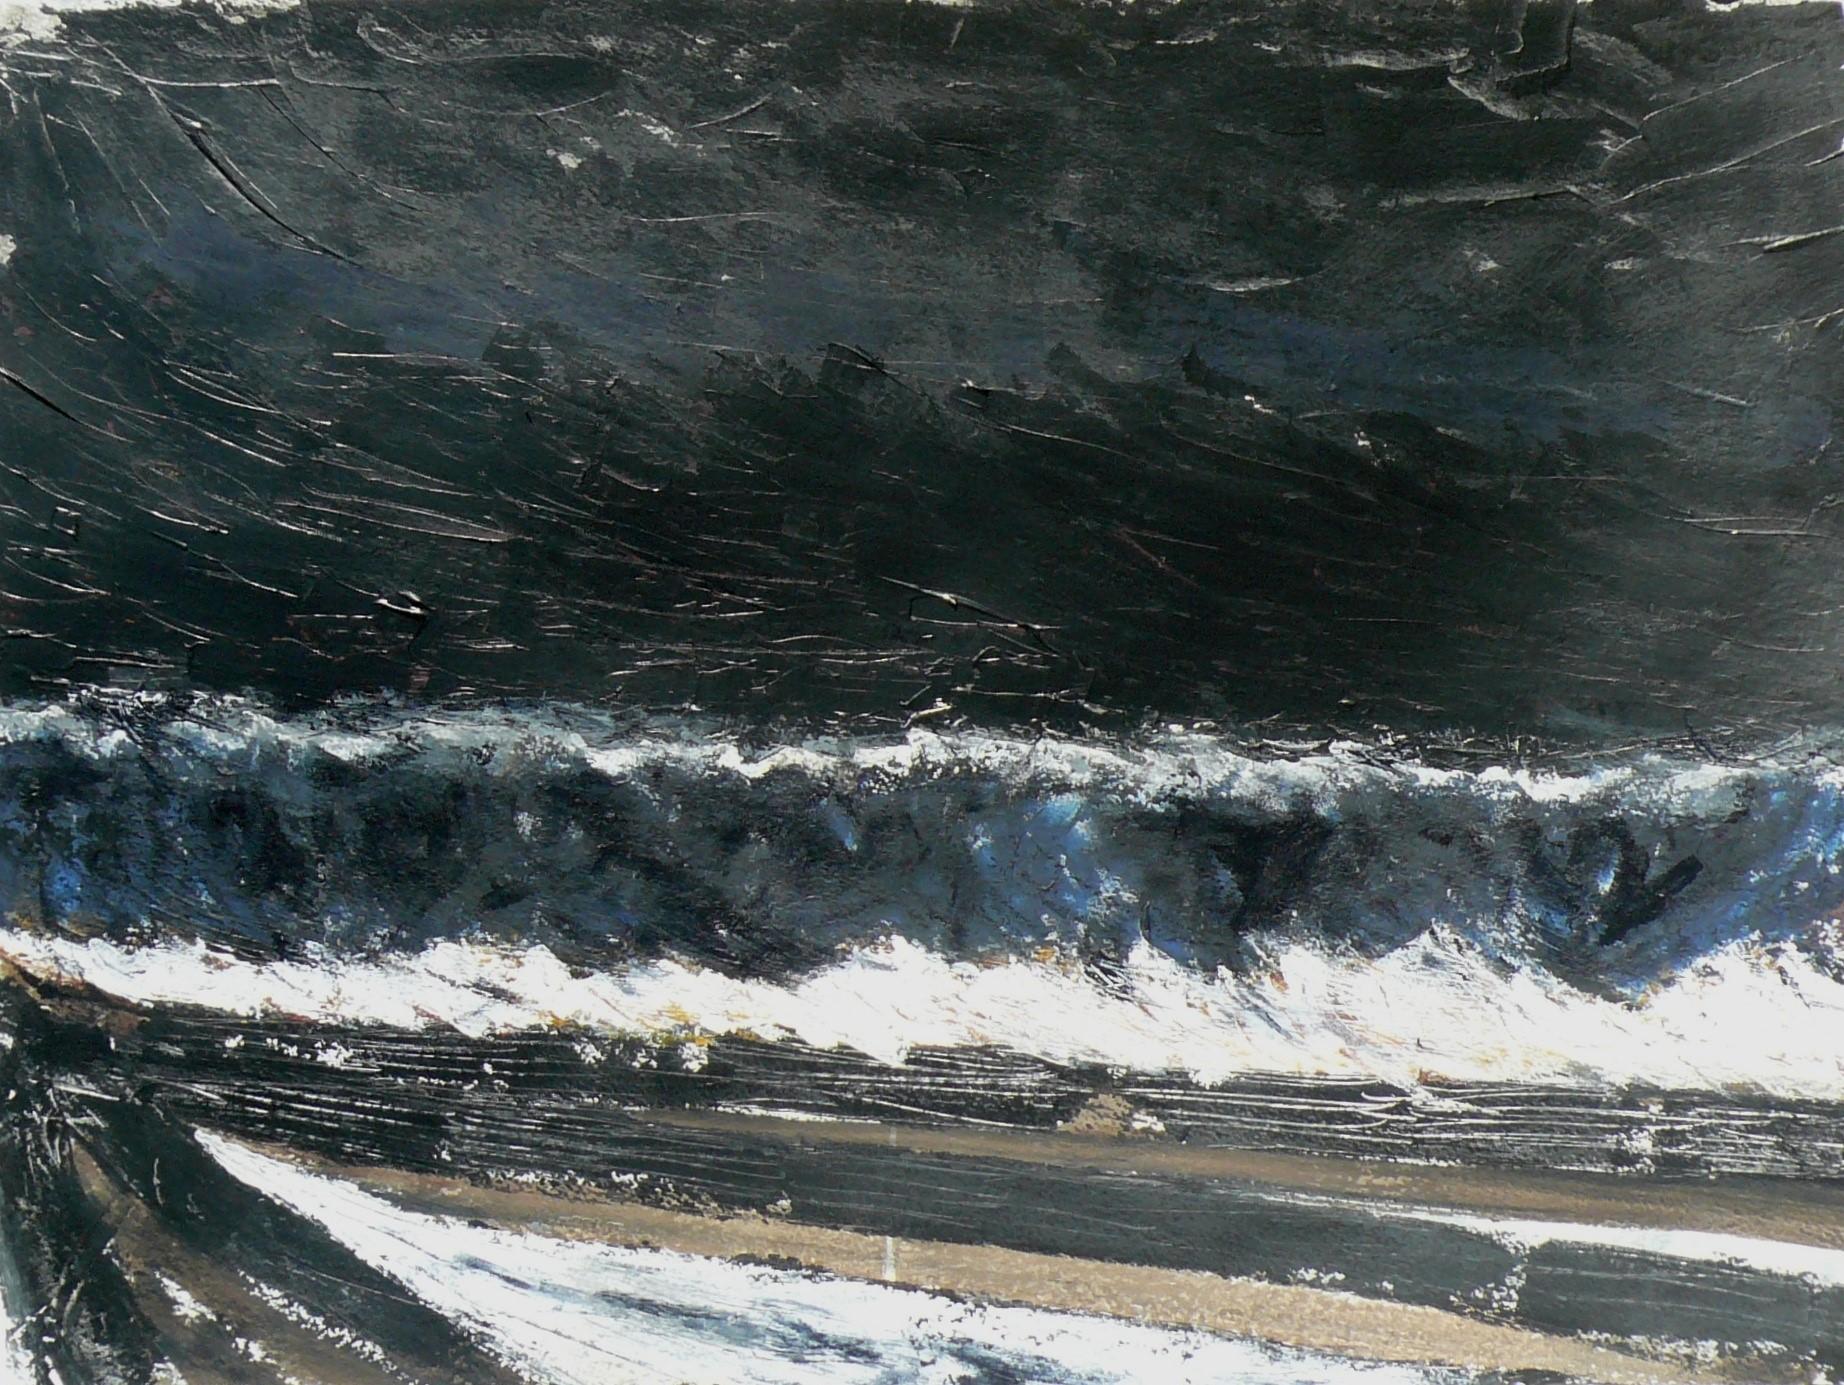 N°1546 - Grande vague nocturne - Technique mixte sur papier - 56 x 75 cm - 16 août 2014